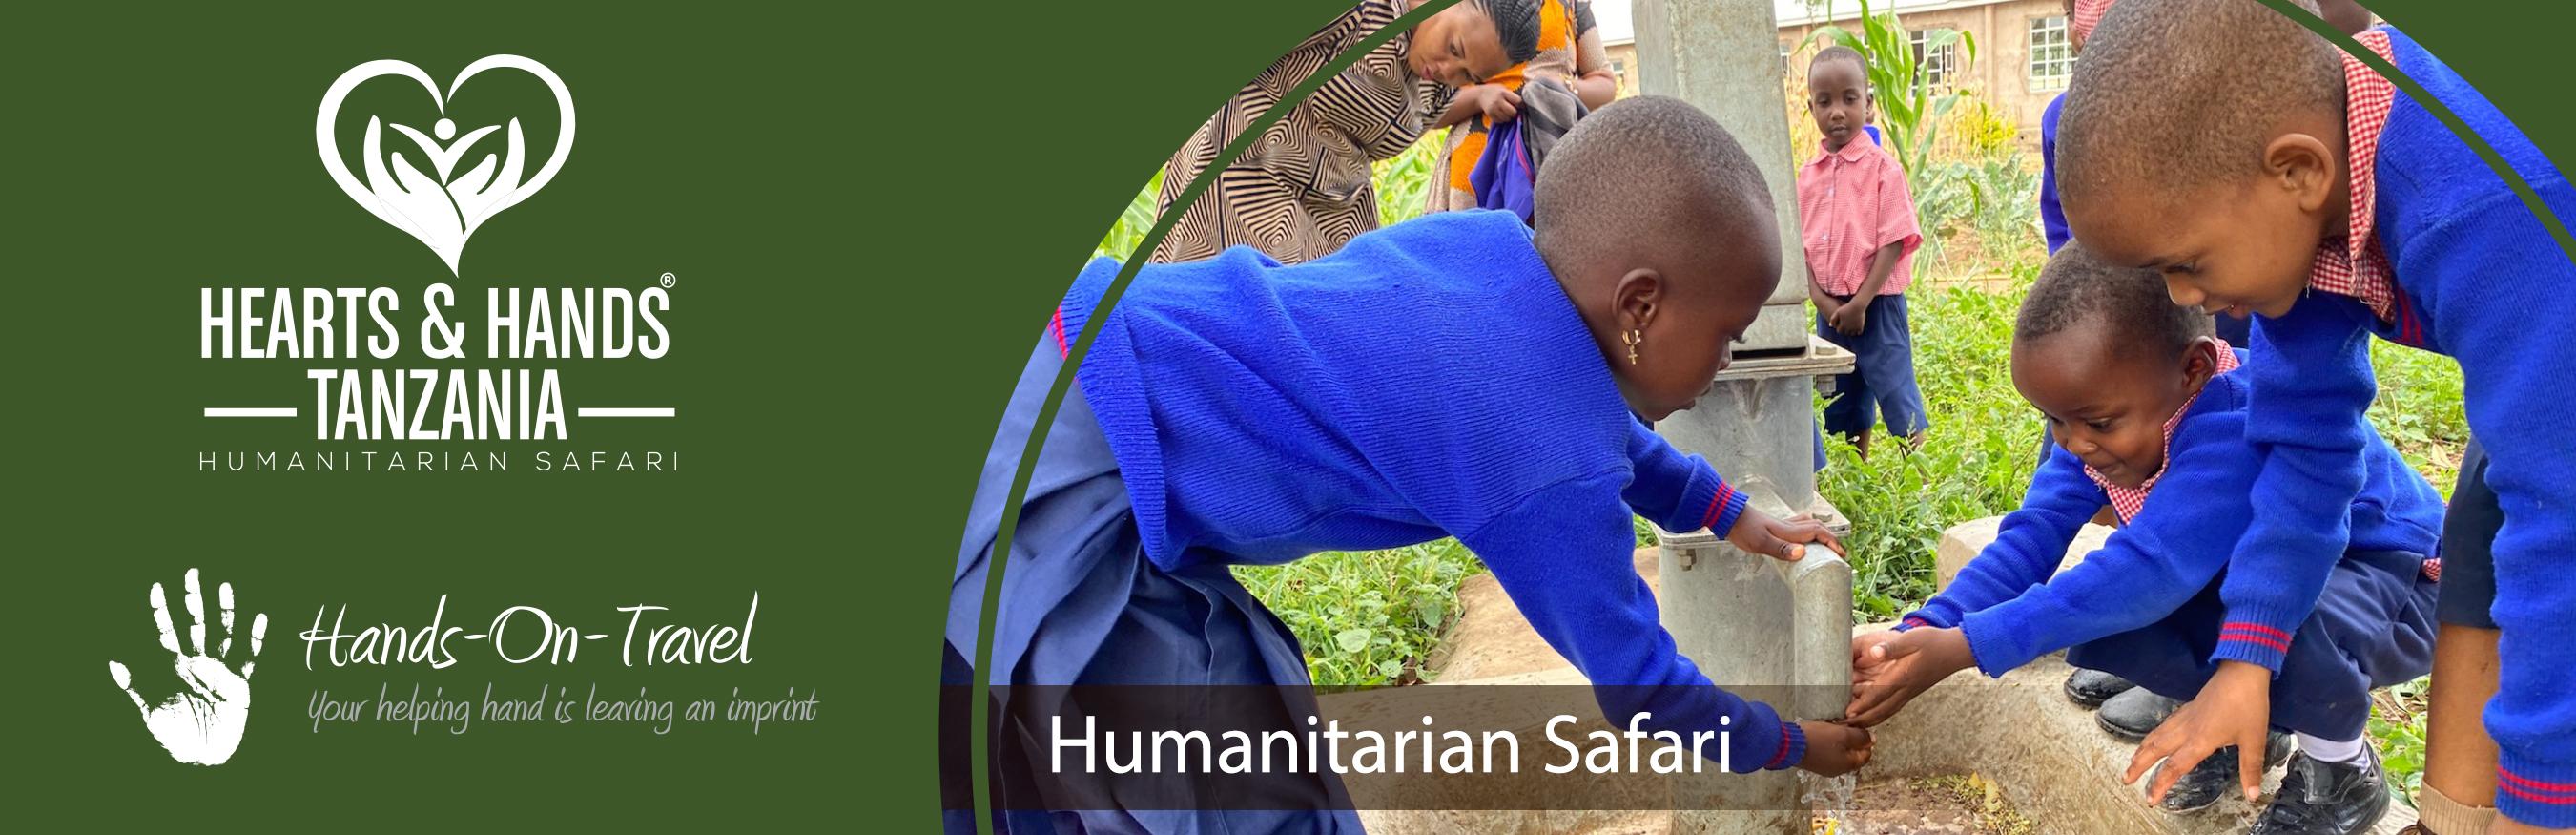 Humanitarian Safari Tanzania